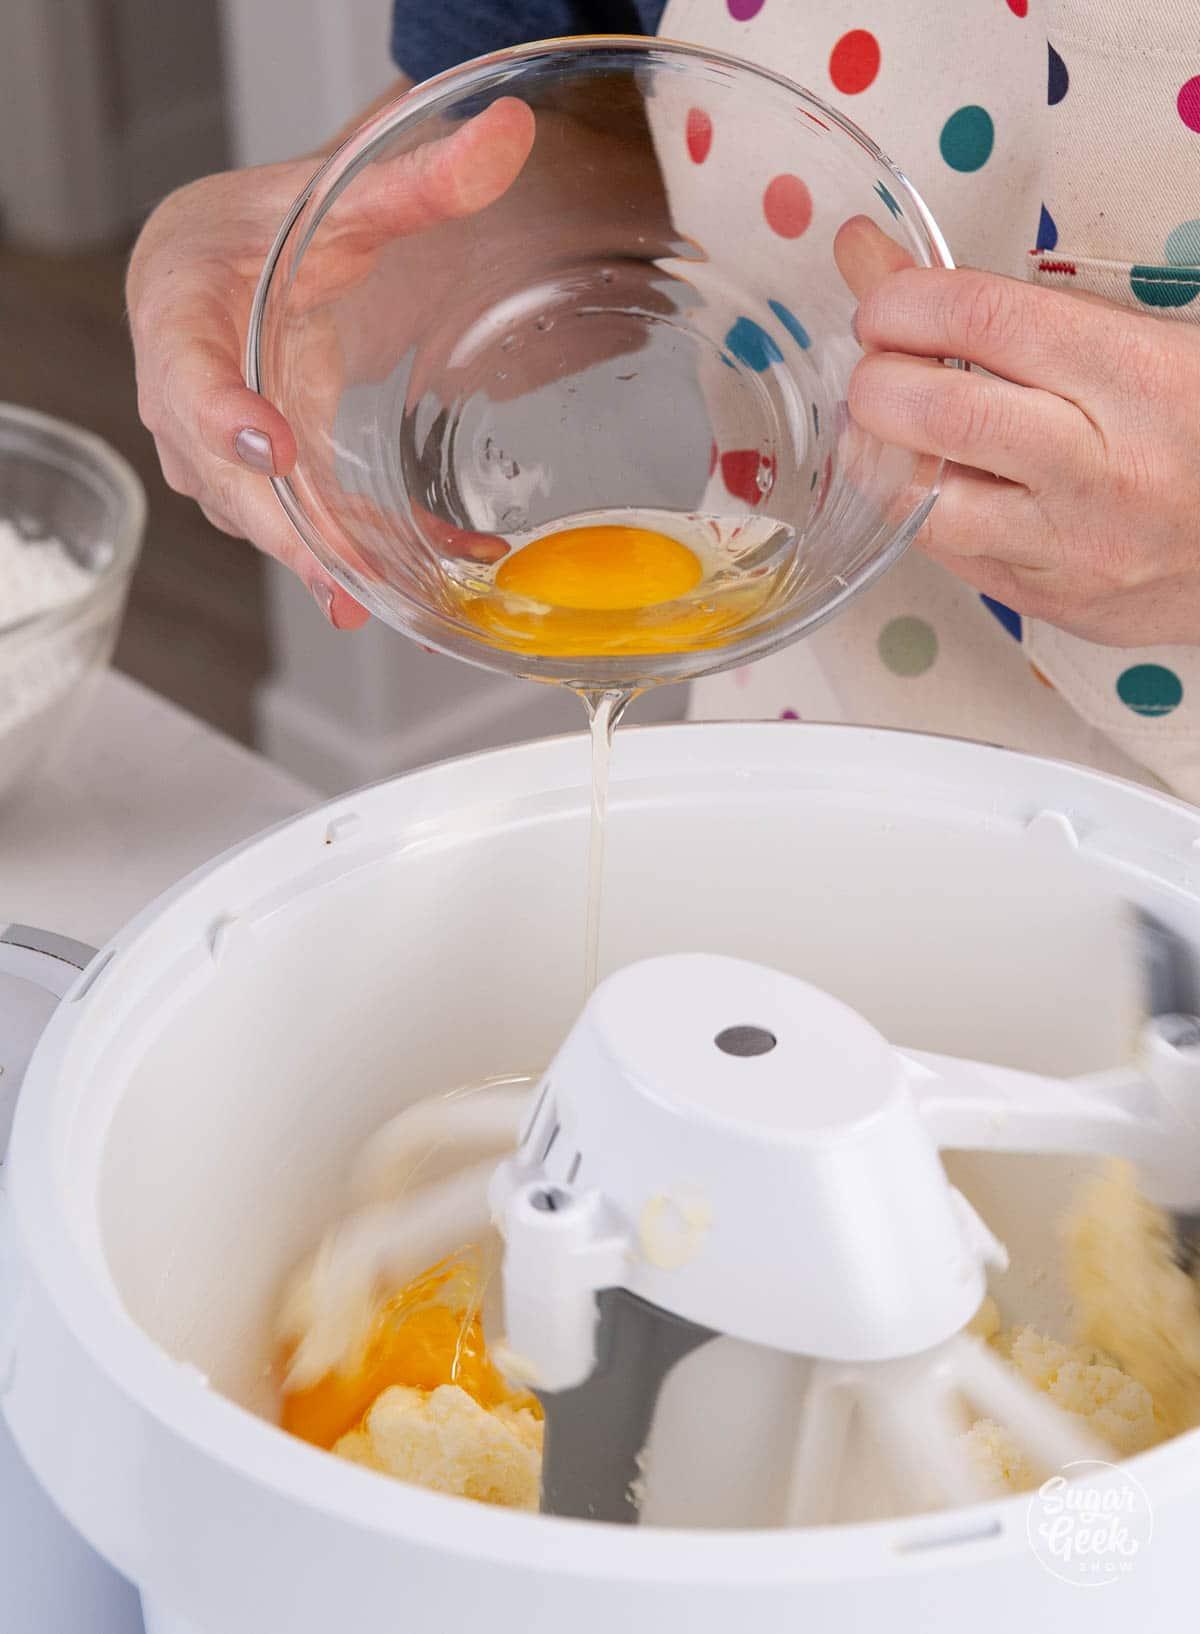 adding eggs to pound cake ingredients